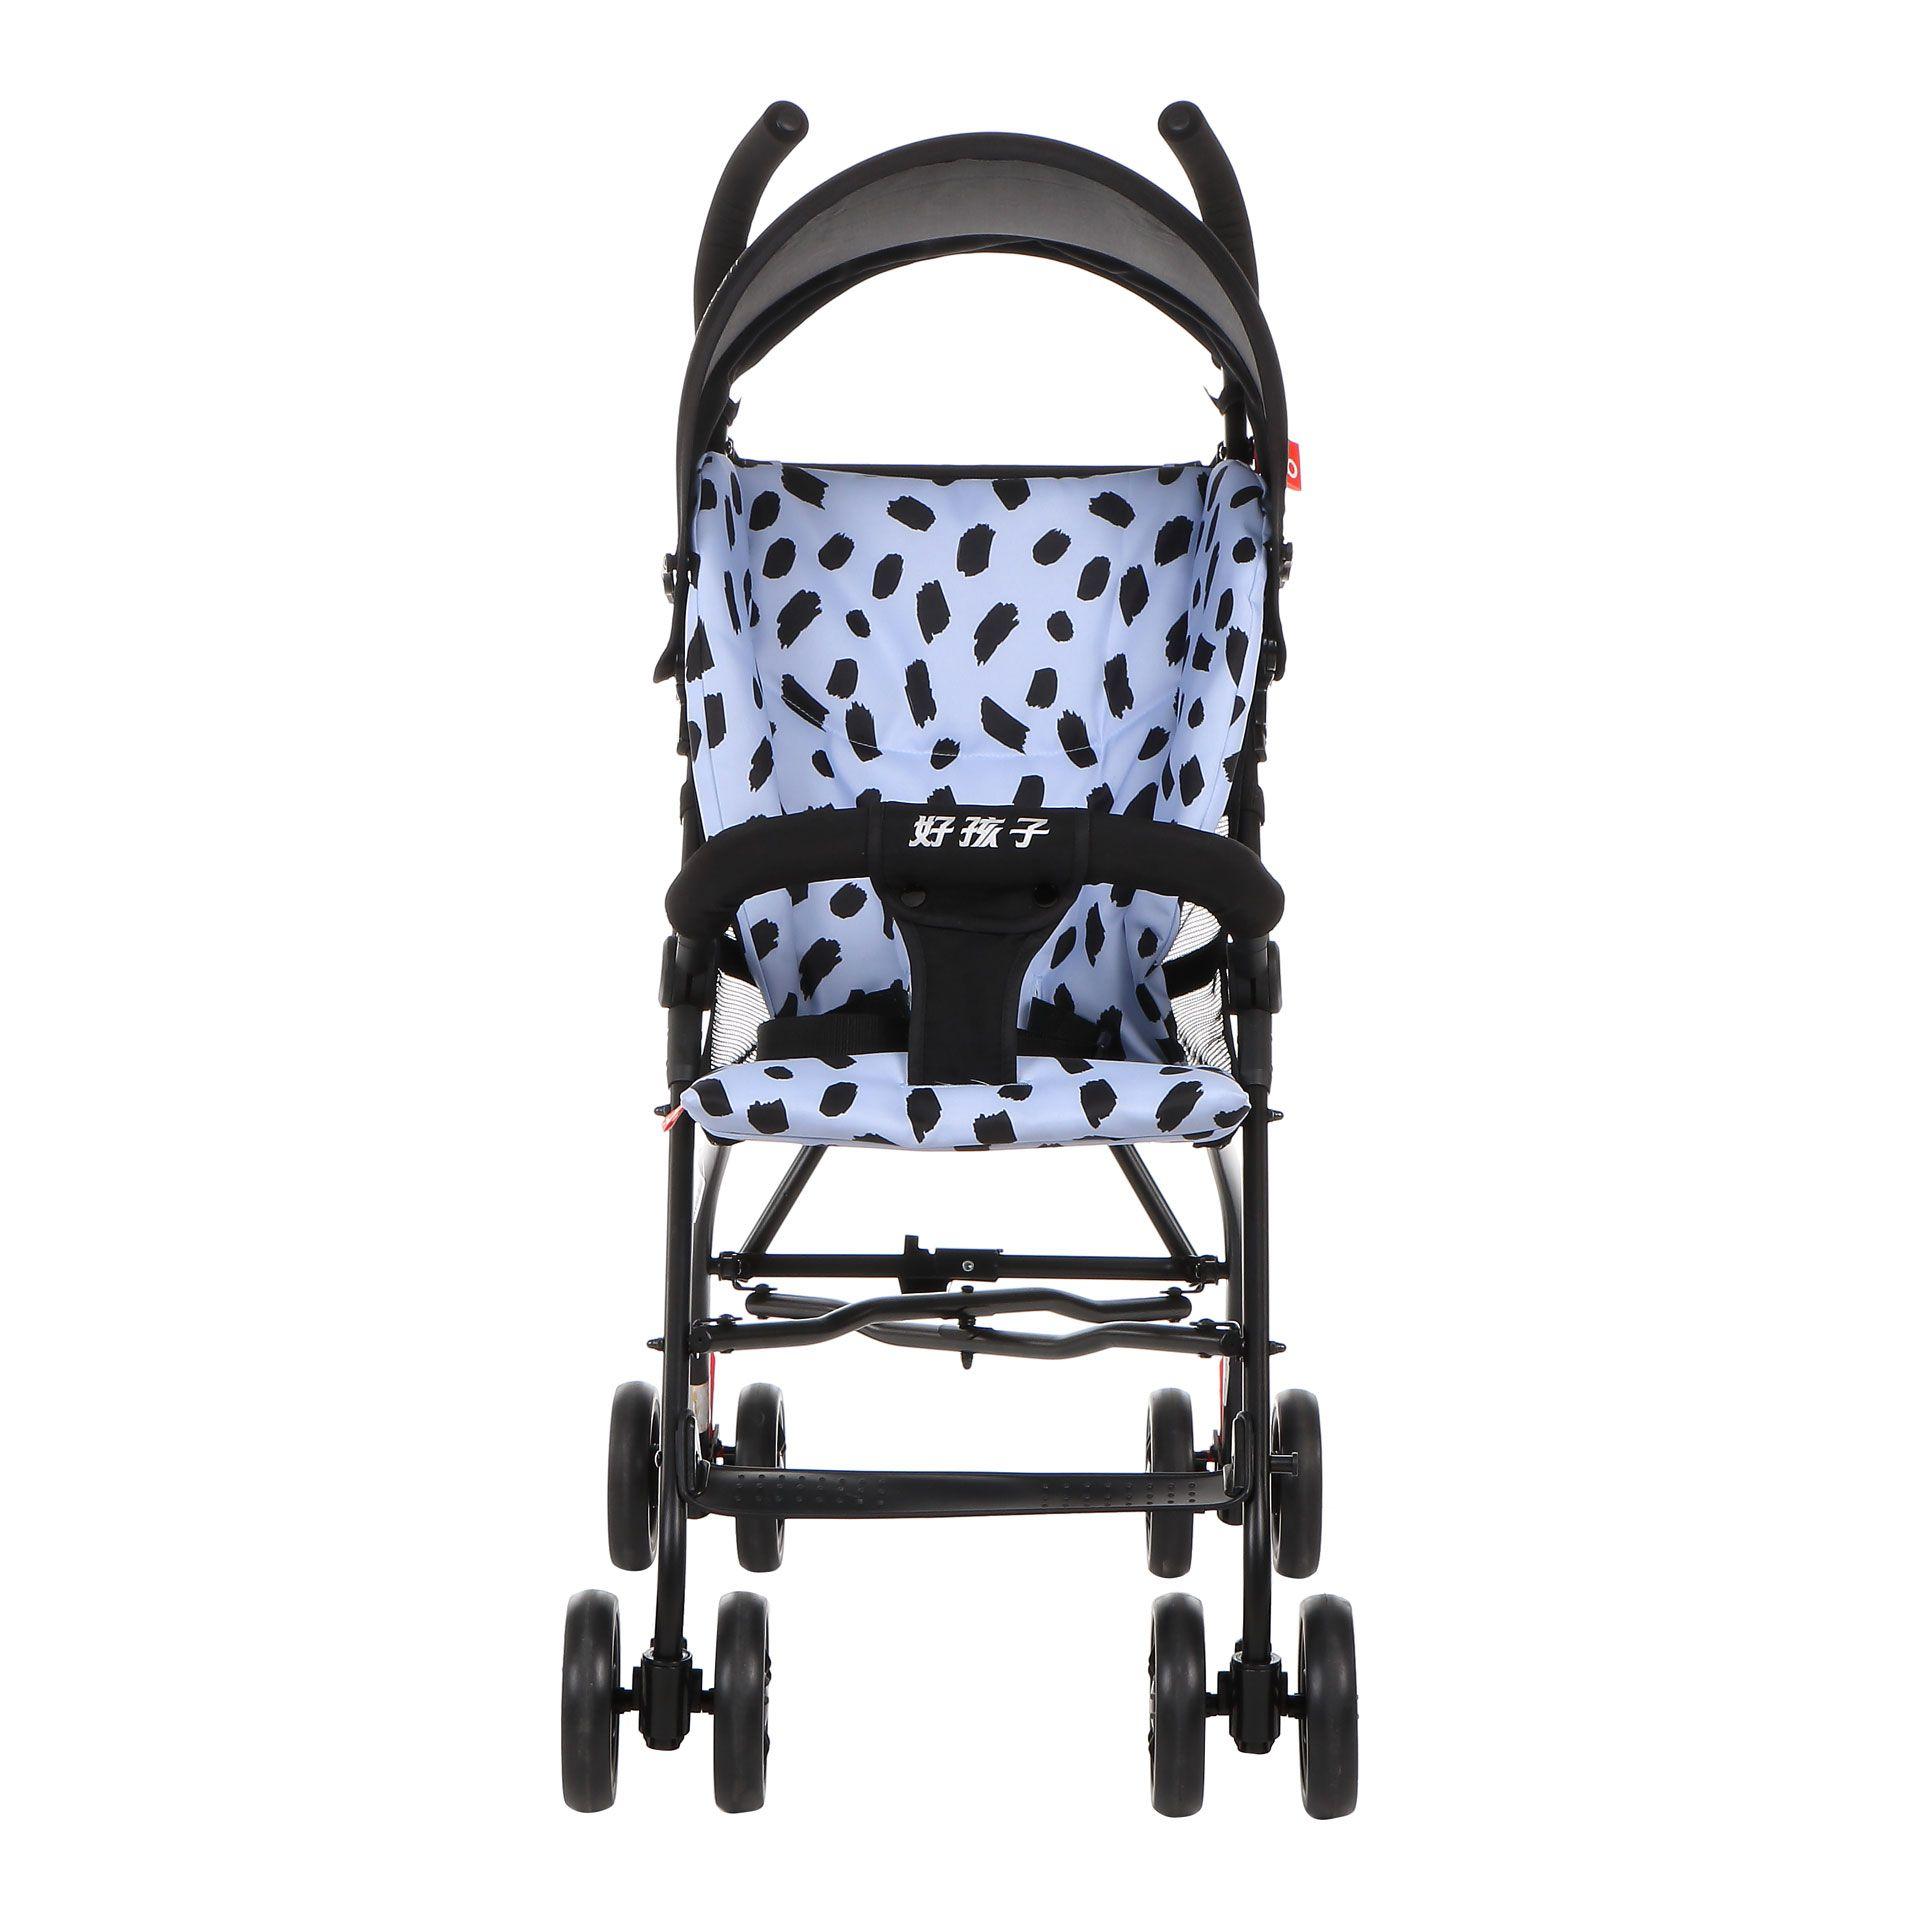 好孩子婴儿推车视频_gb好孩子伞把婴儿推车 可折叠便捷透气宝宝推车 D303-P128BB_好孩子